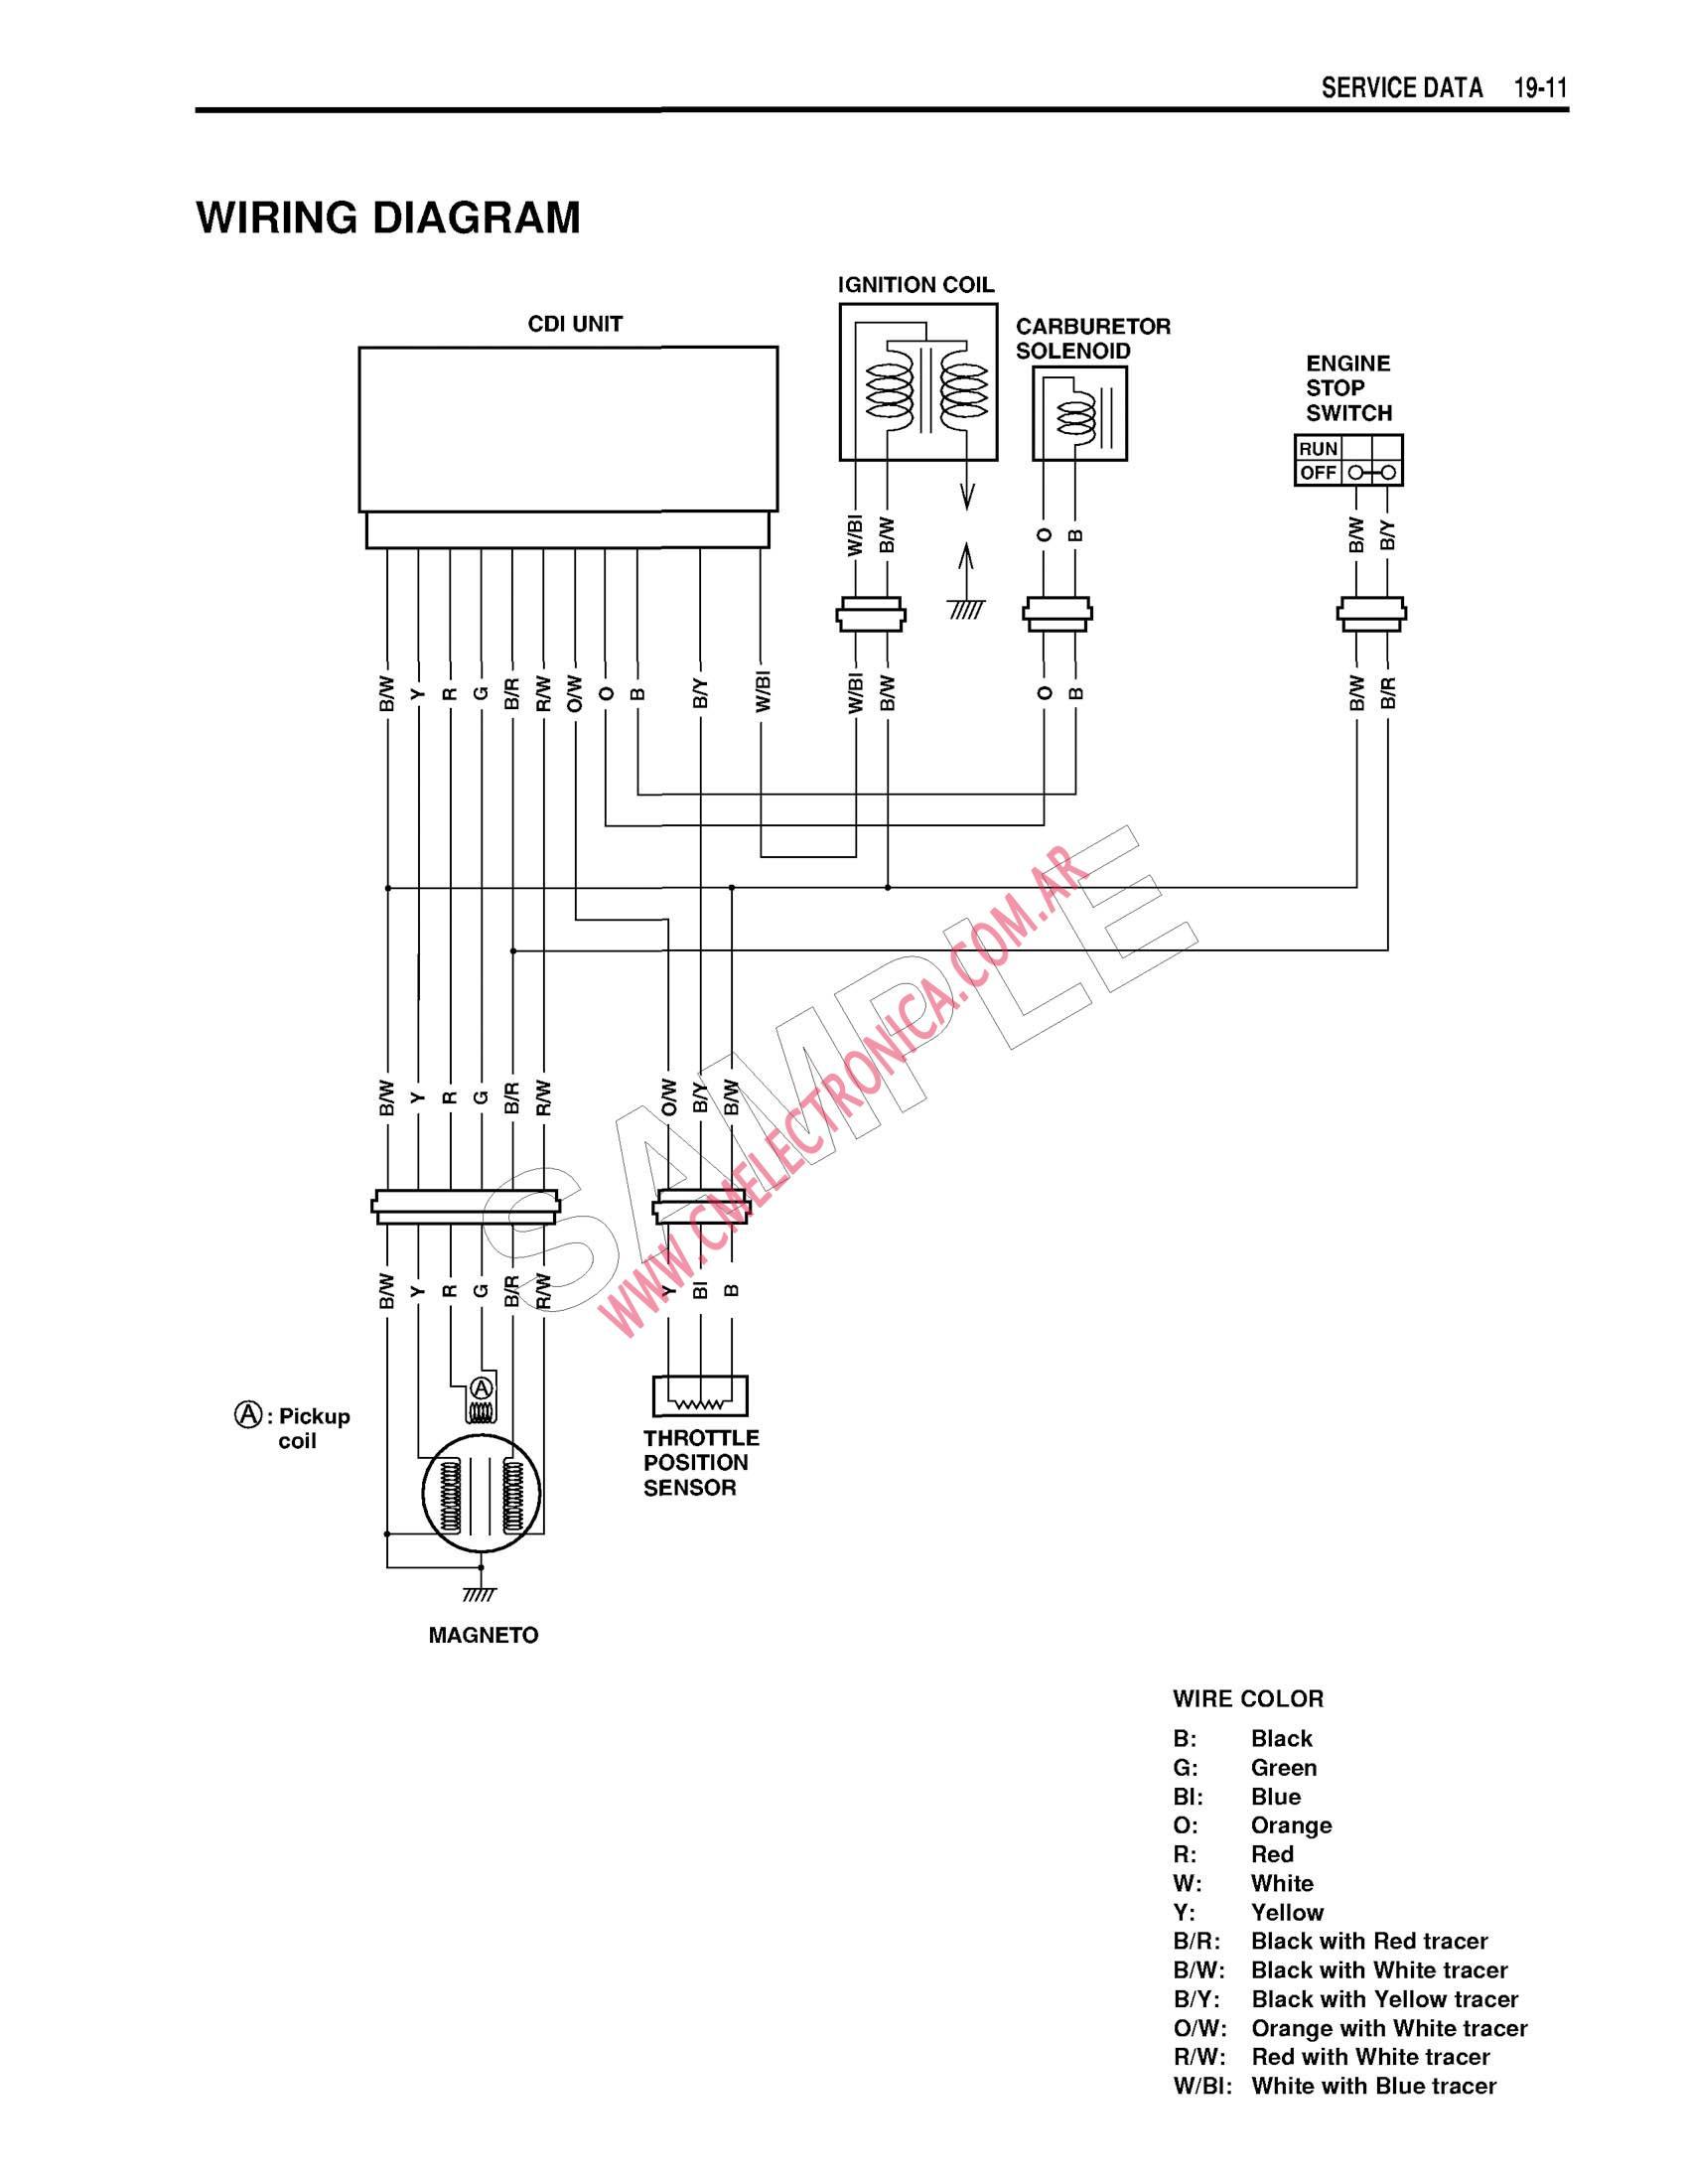 Großartig 2003 Suzuki Eiger Schaltplan Ideen - Elektrische ...